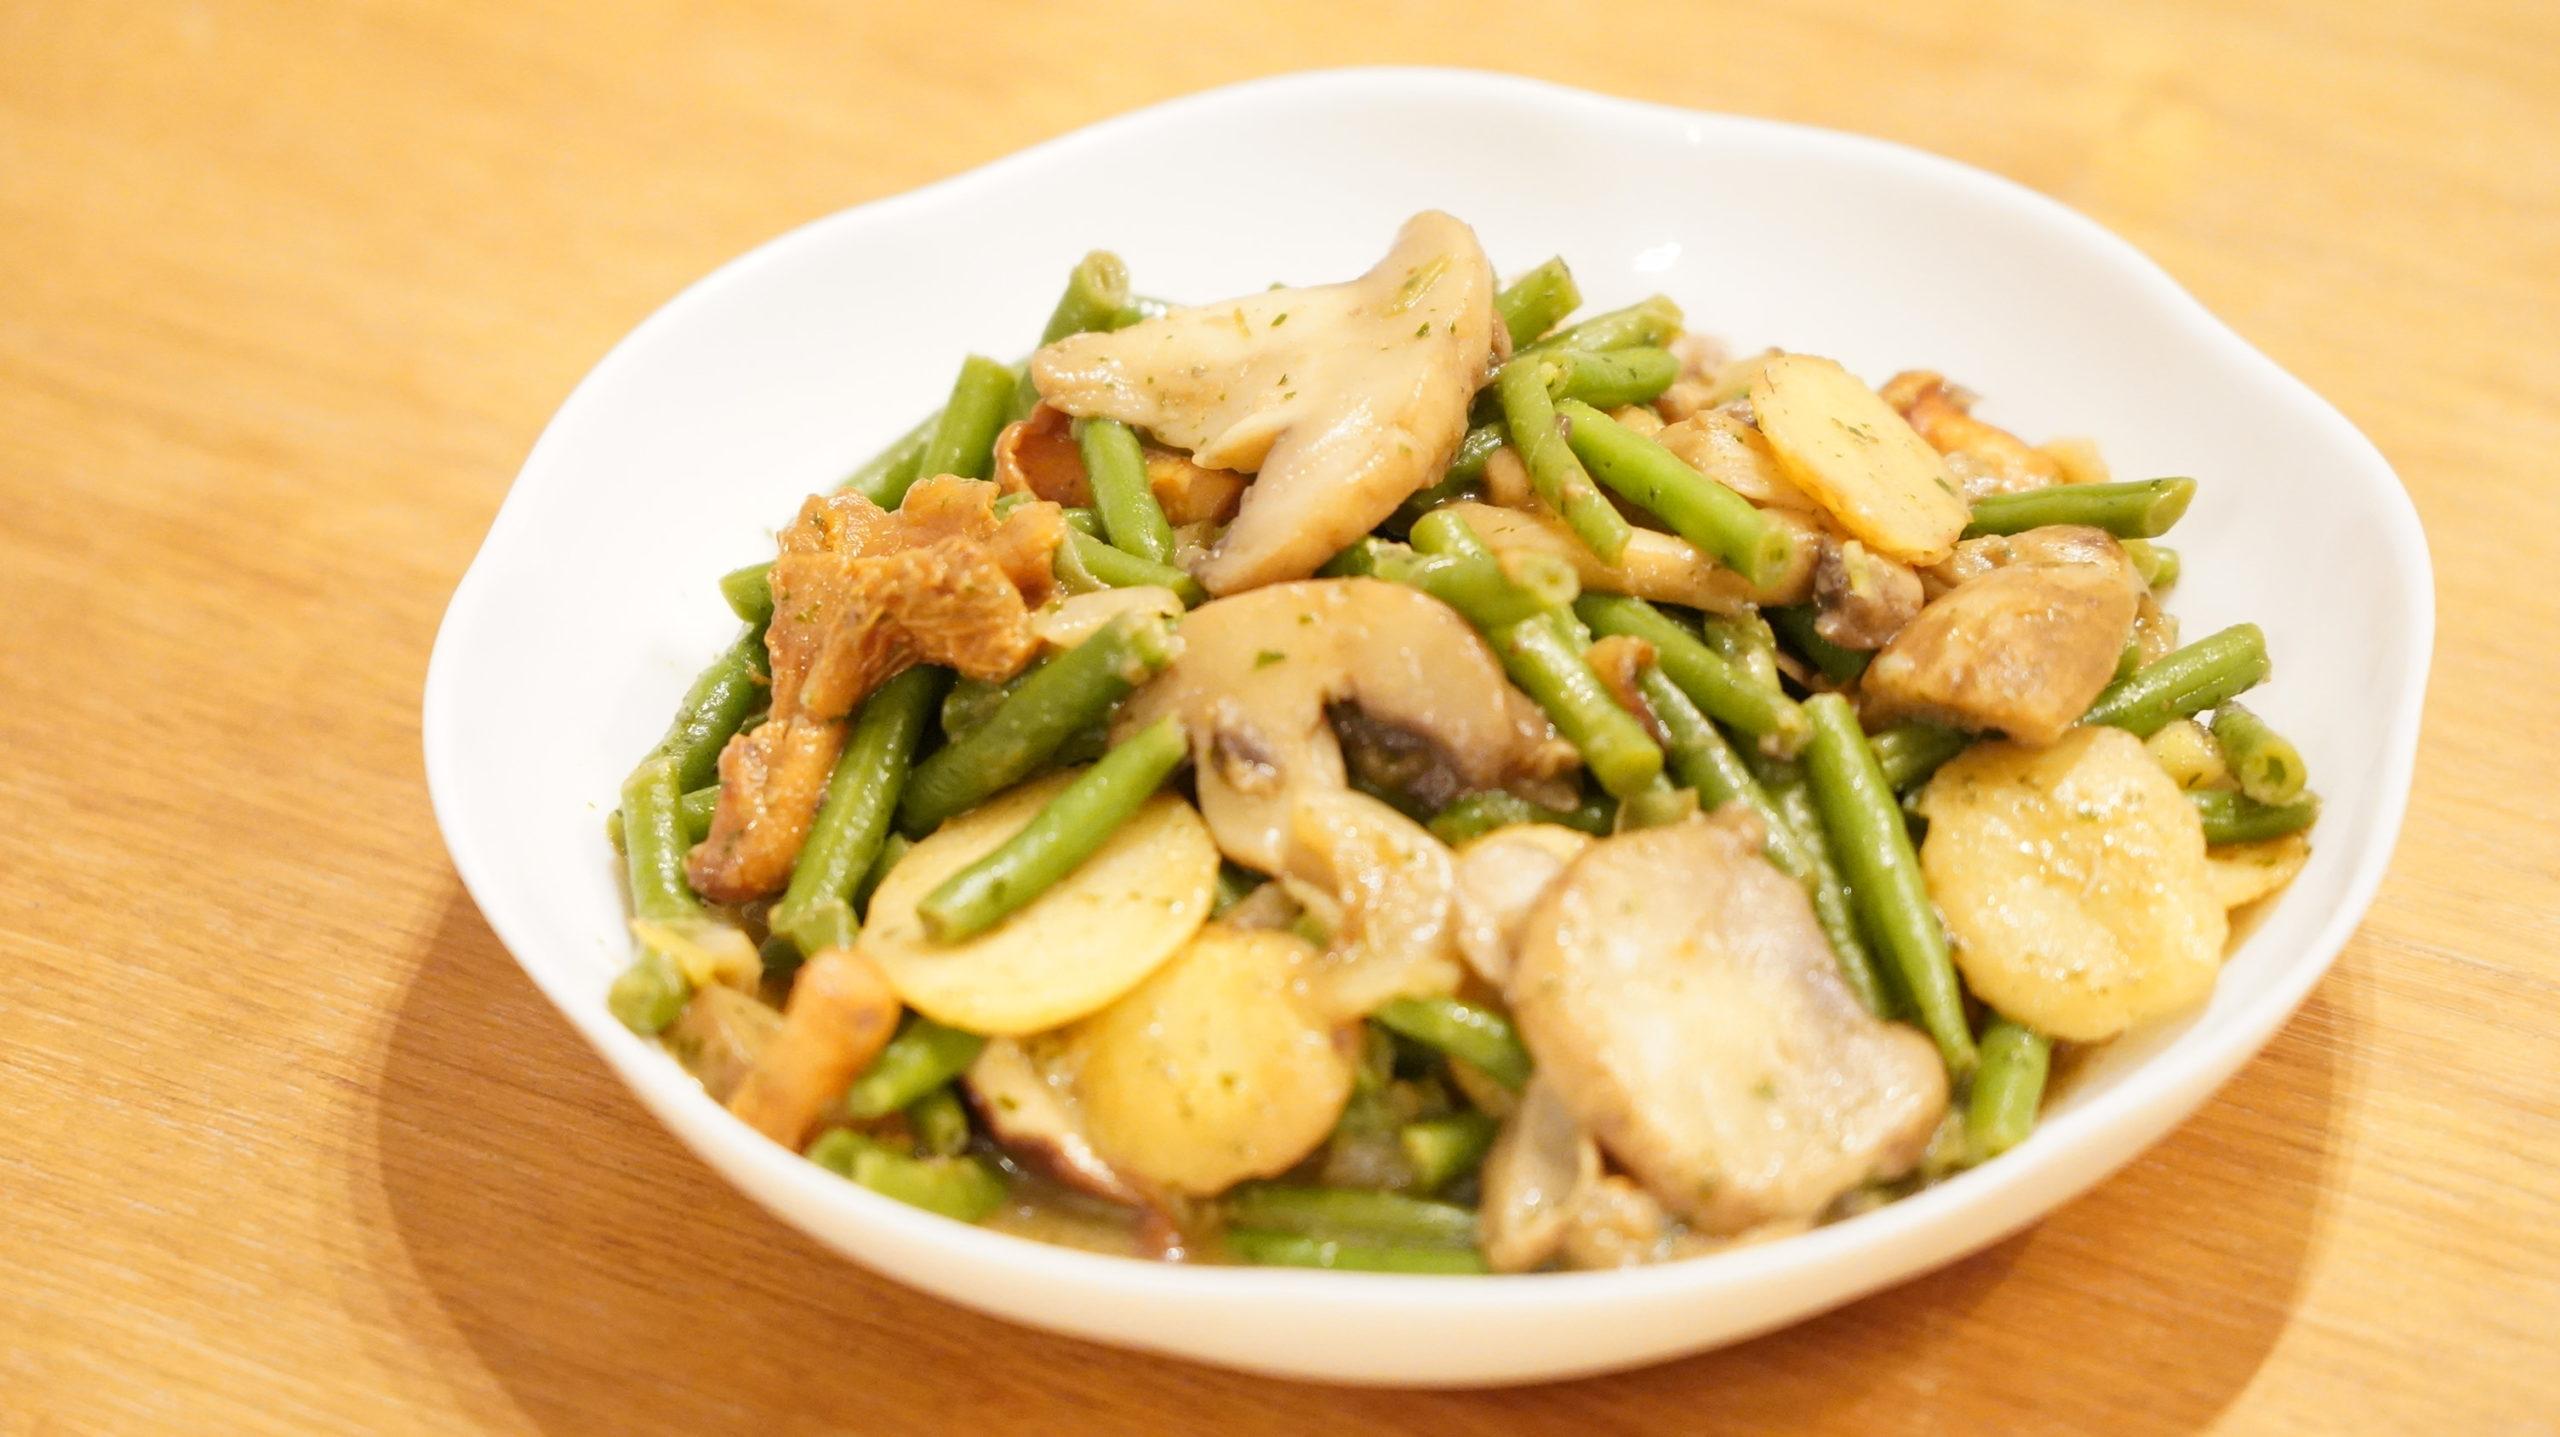 ピカールの冷凍食品「付合せ野菜ミックス(ジャガイモ、インゲン、キノコ)」を調理した写真